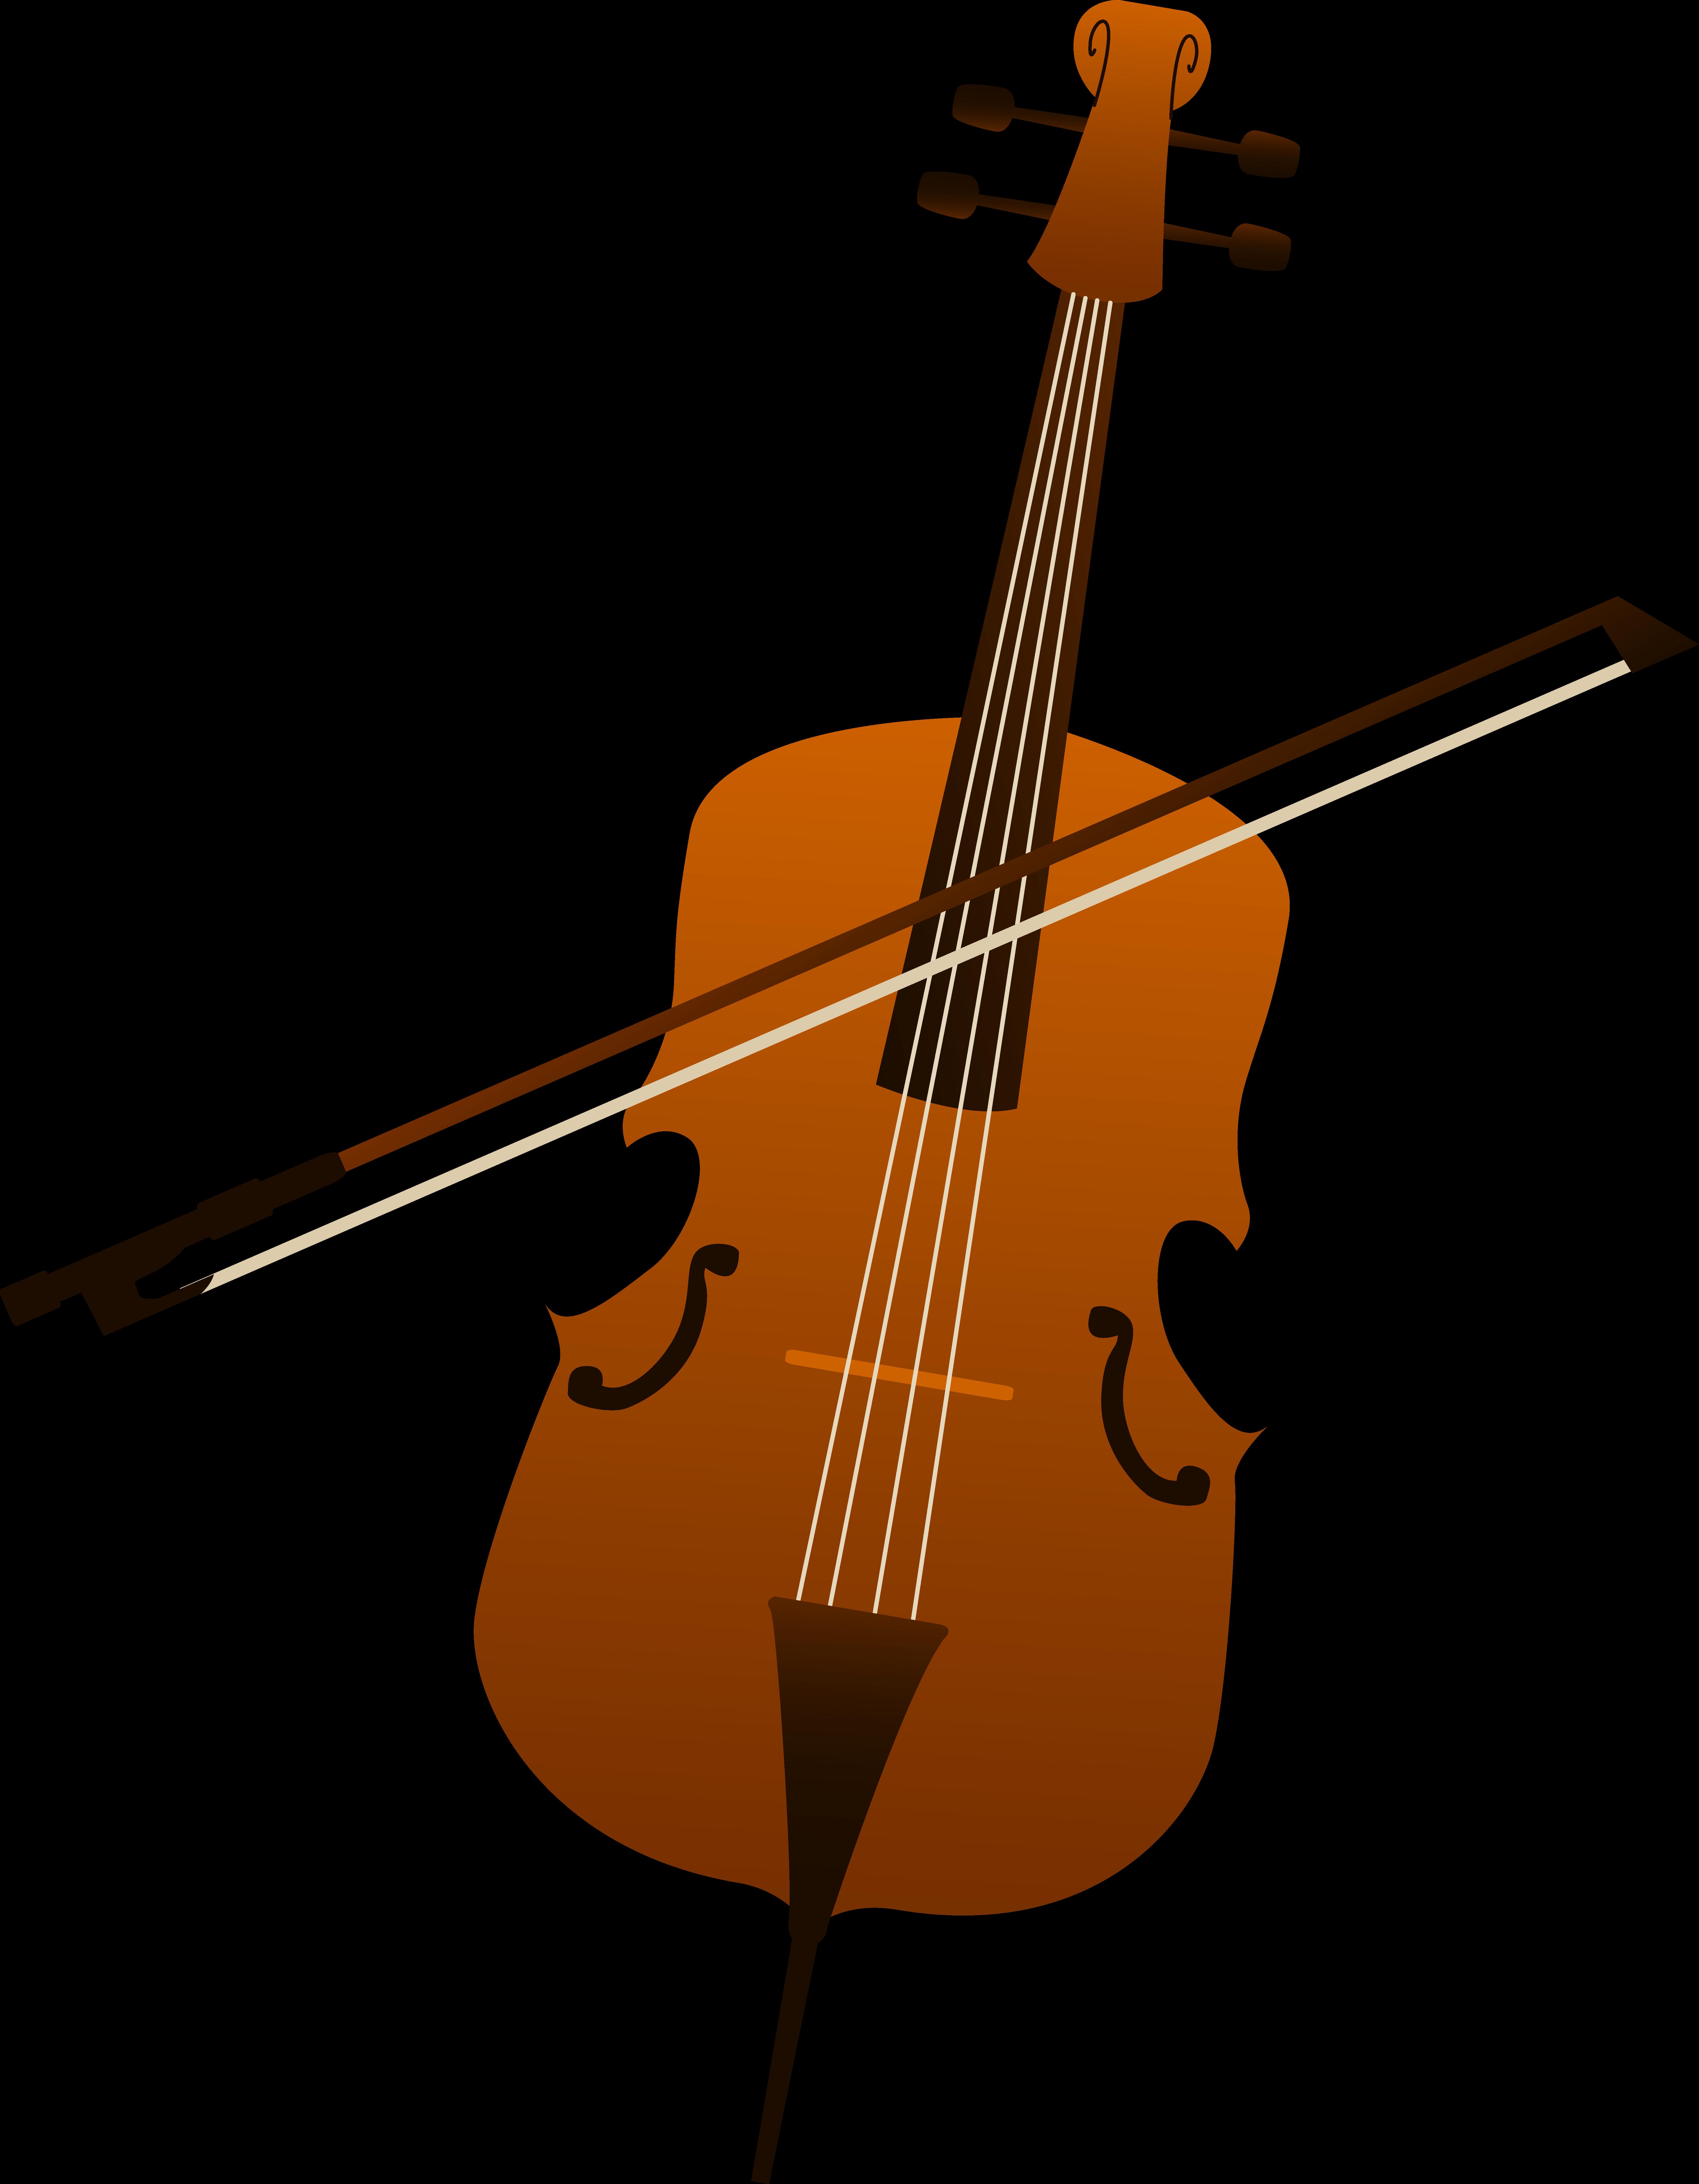 Cliparts zone . Cello clipart